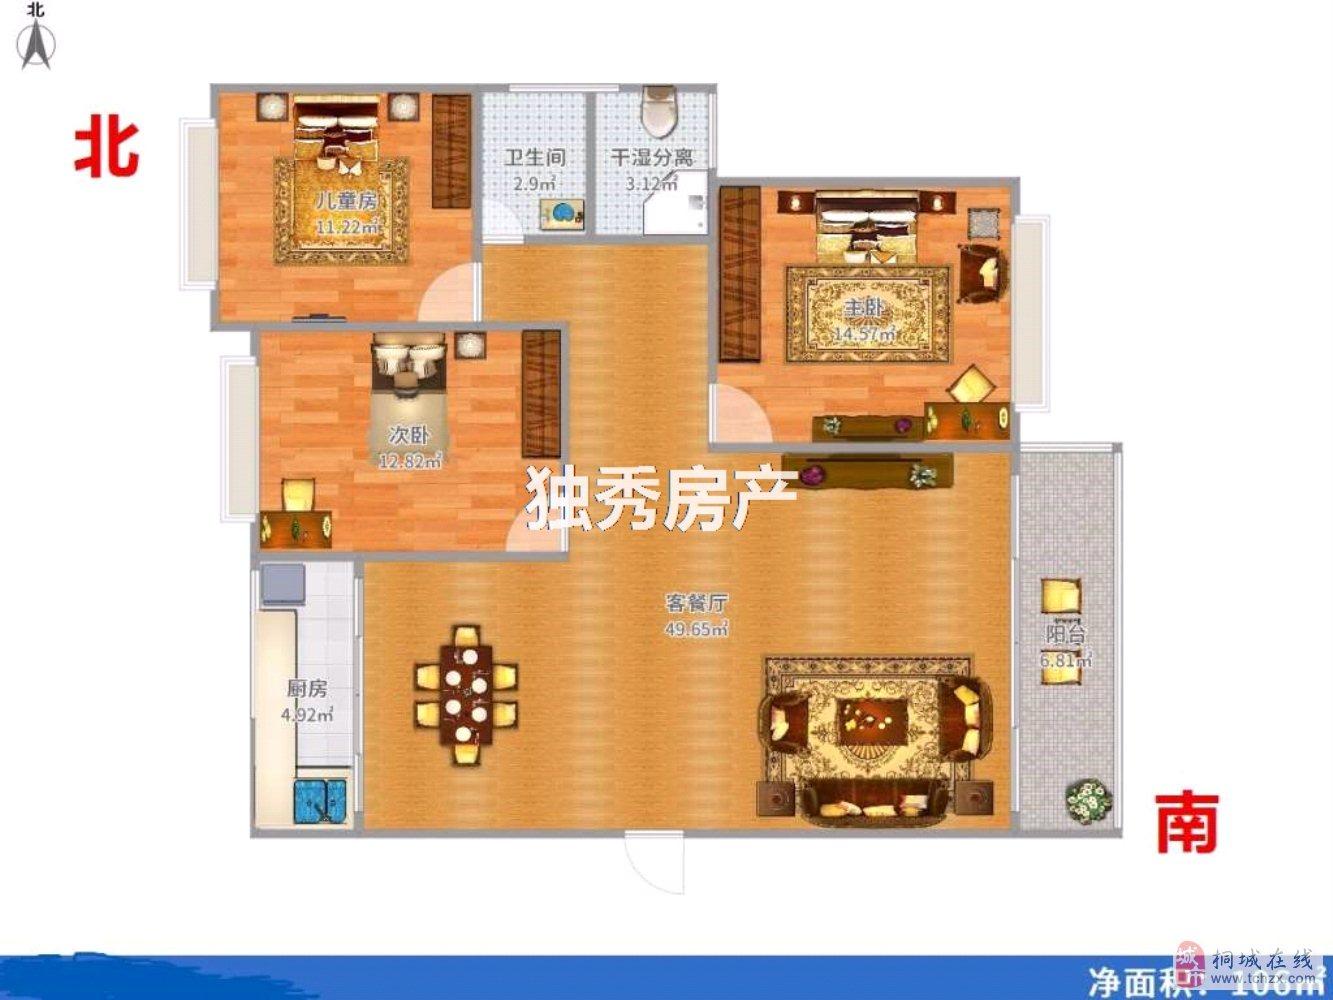 谦和名都3室2厅1卫78万元